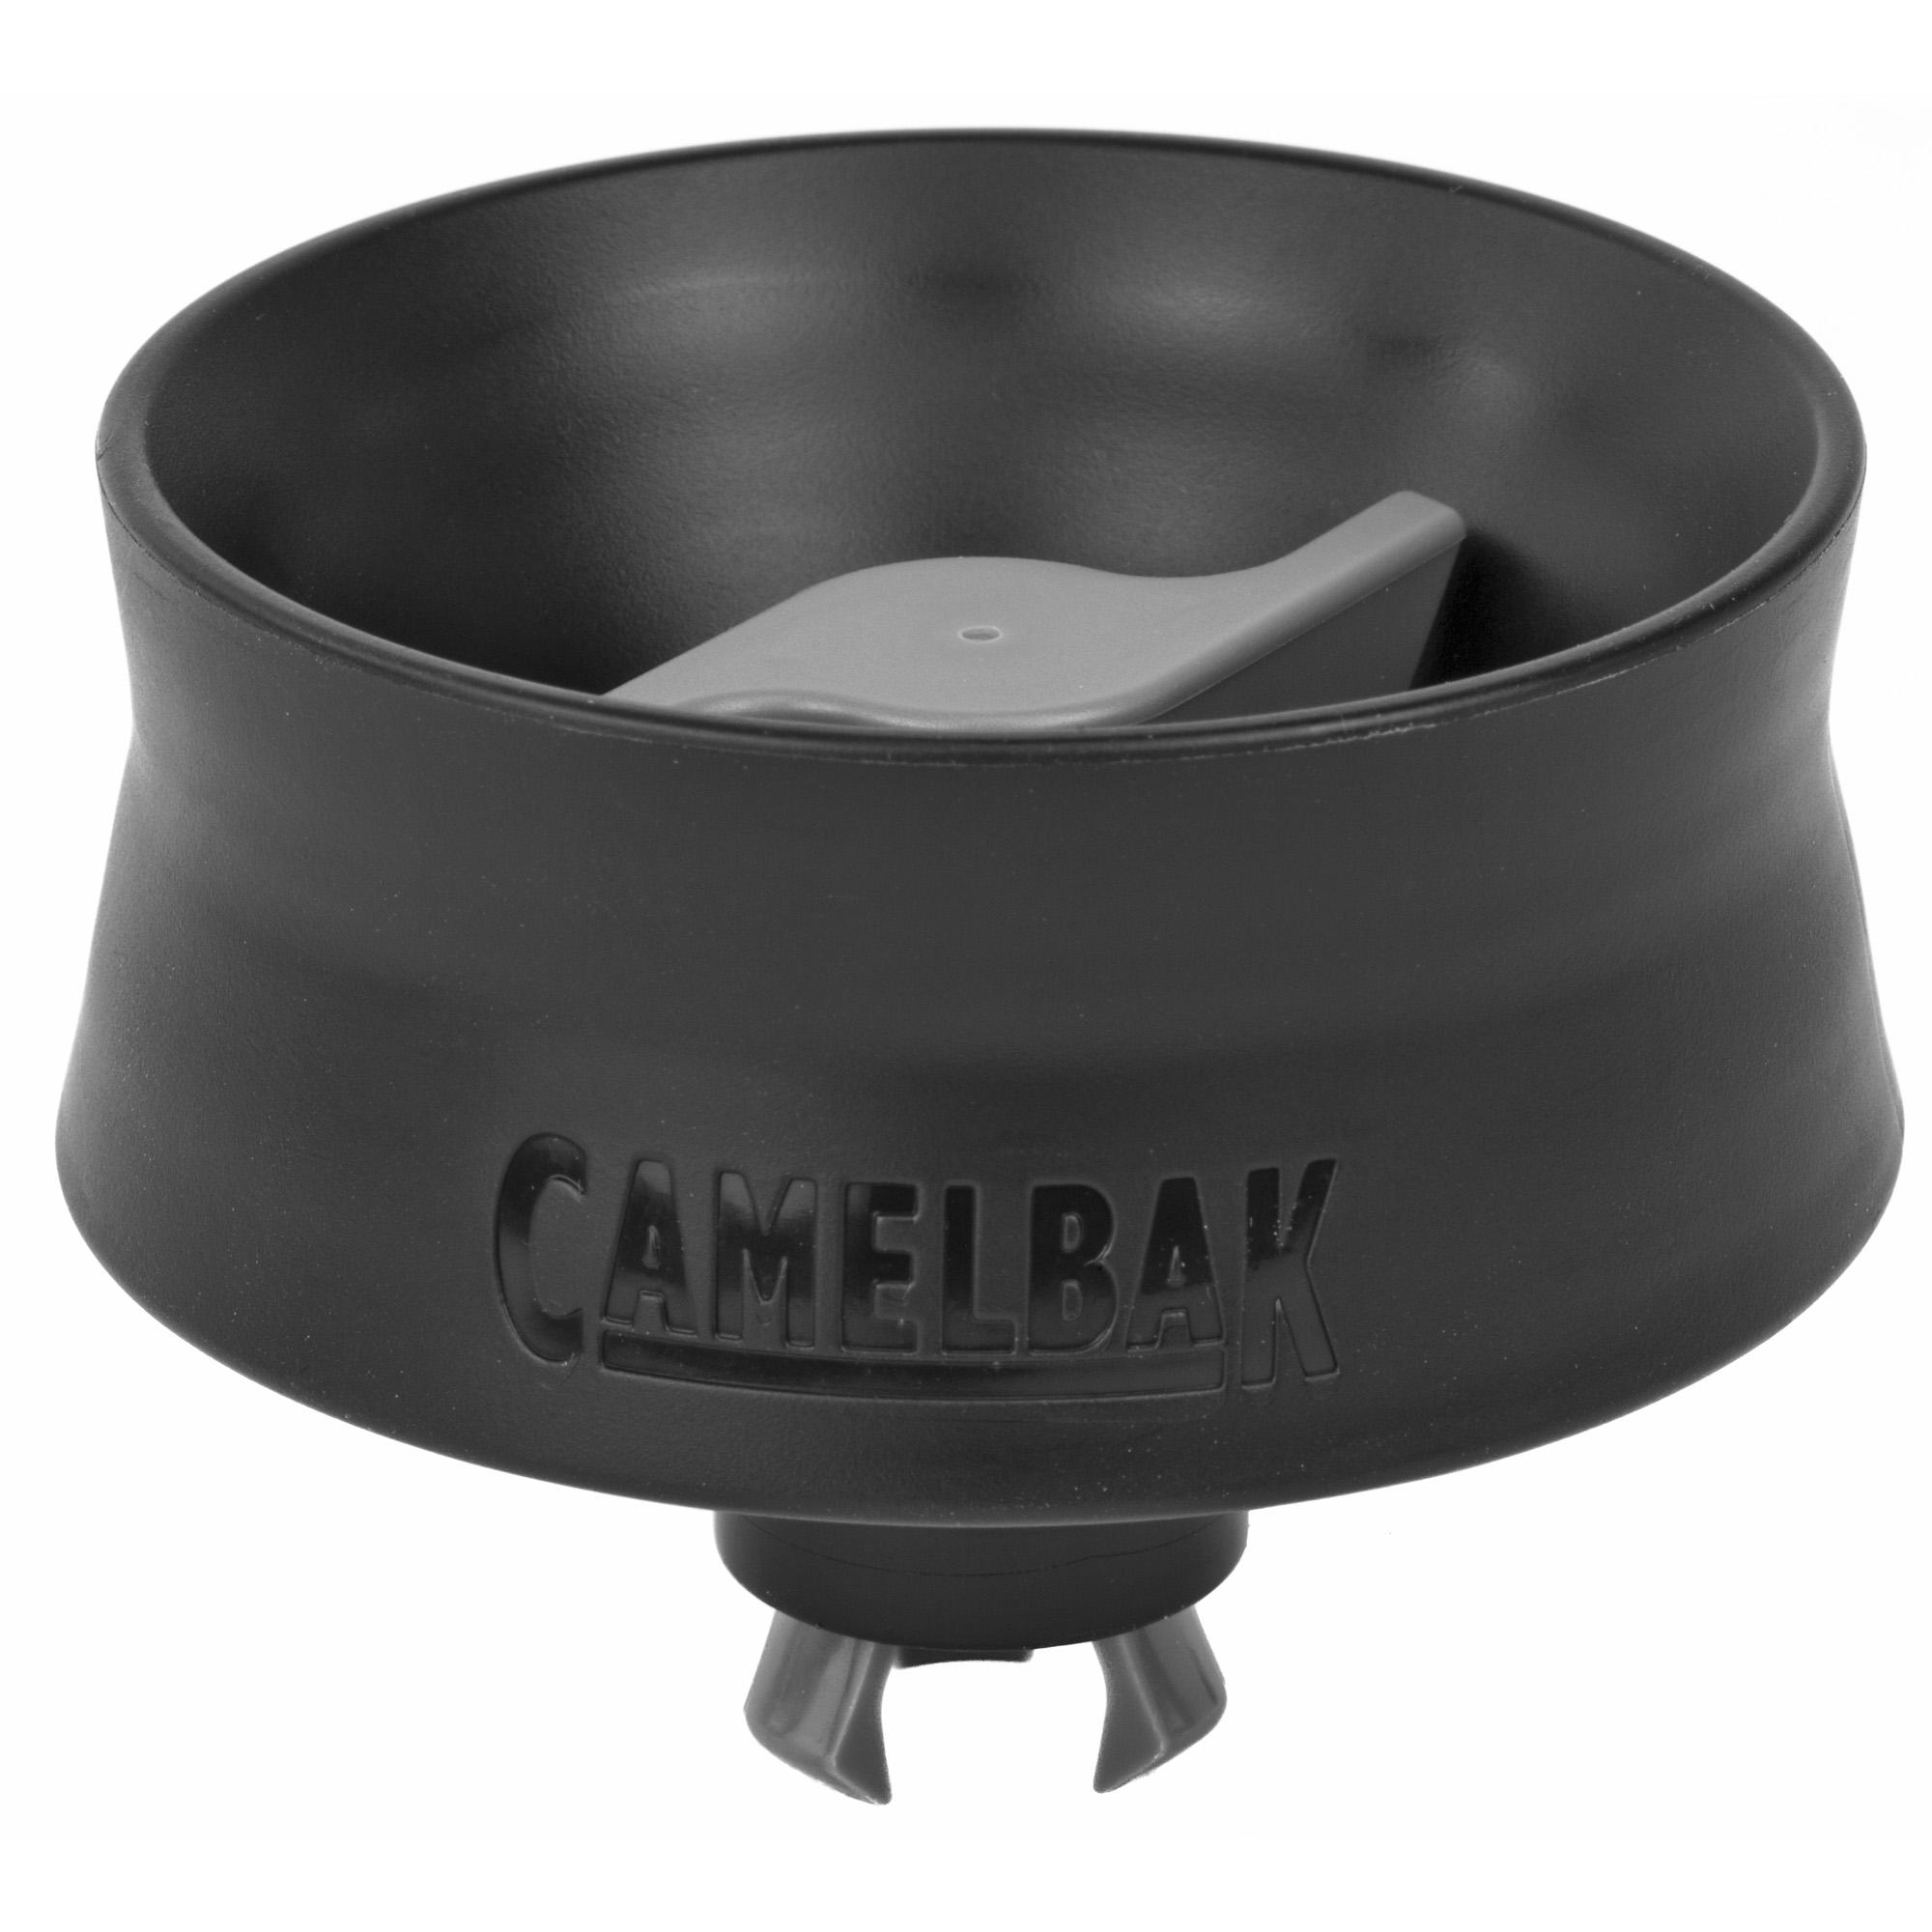 Camelbak Hot Cap Accessory Blk